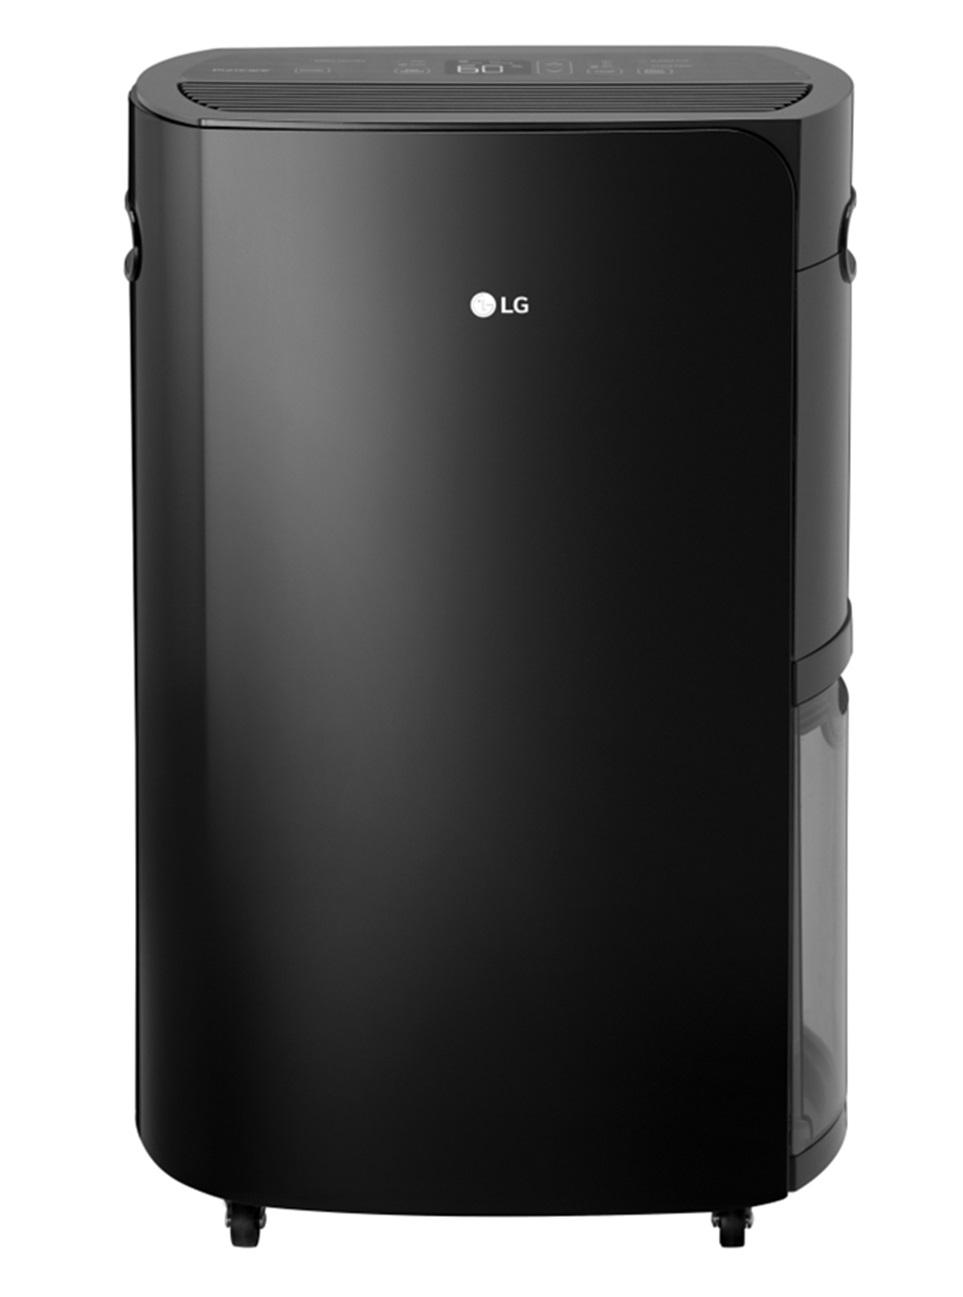 제습기 업계 최초로 미국 가전제조사협회로부터 '지속가능성 인증'을 받은 LG 퓨리케어 제습기